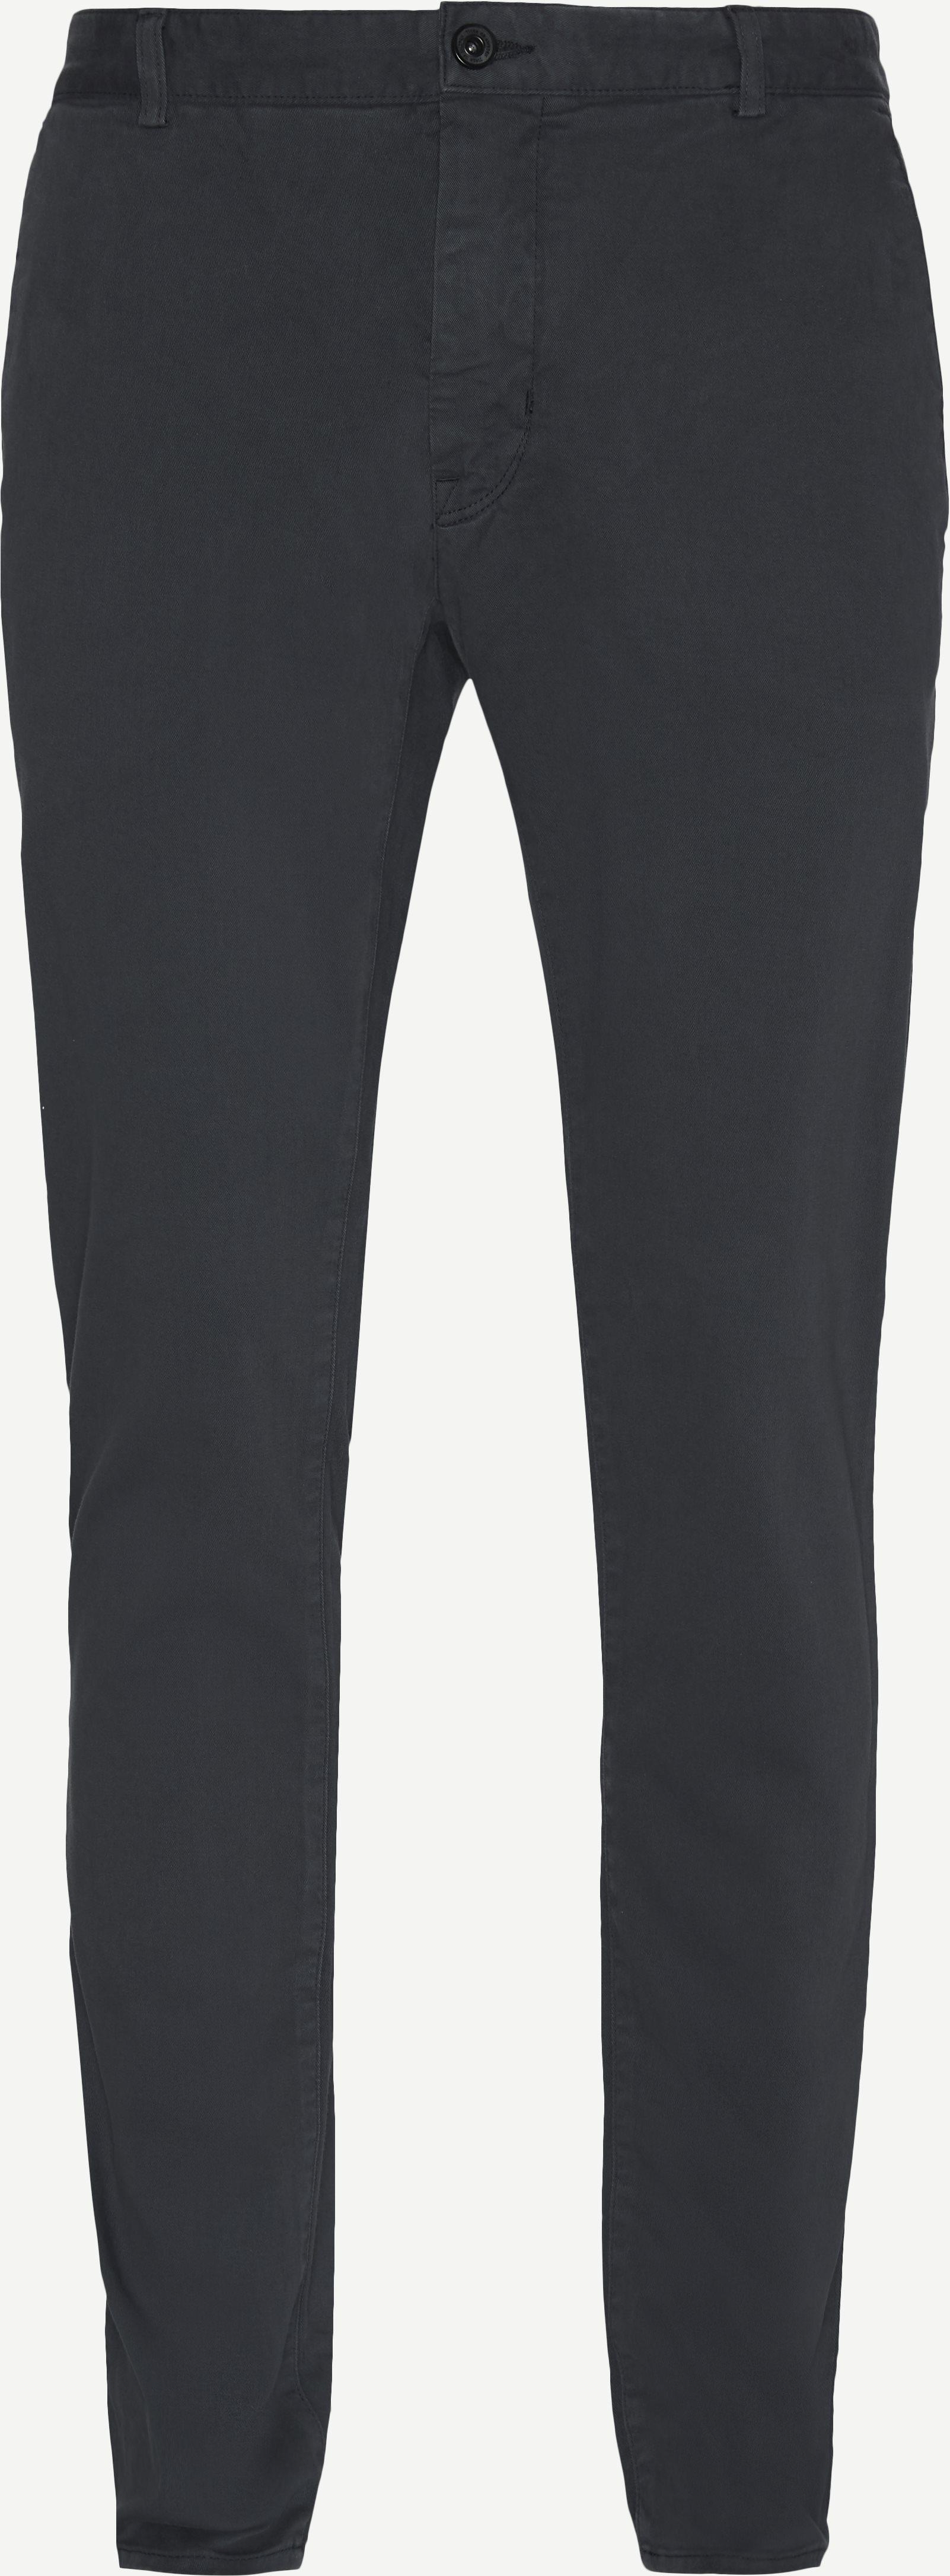 Hosen - Slim fit - Grau